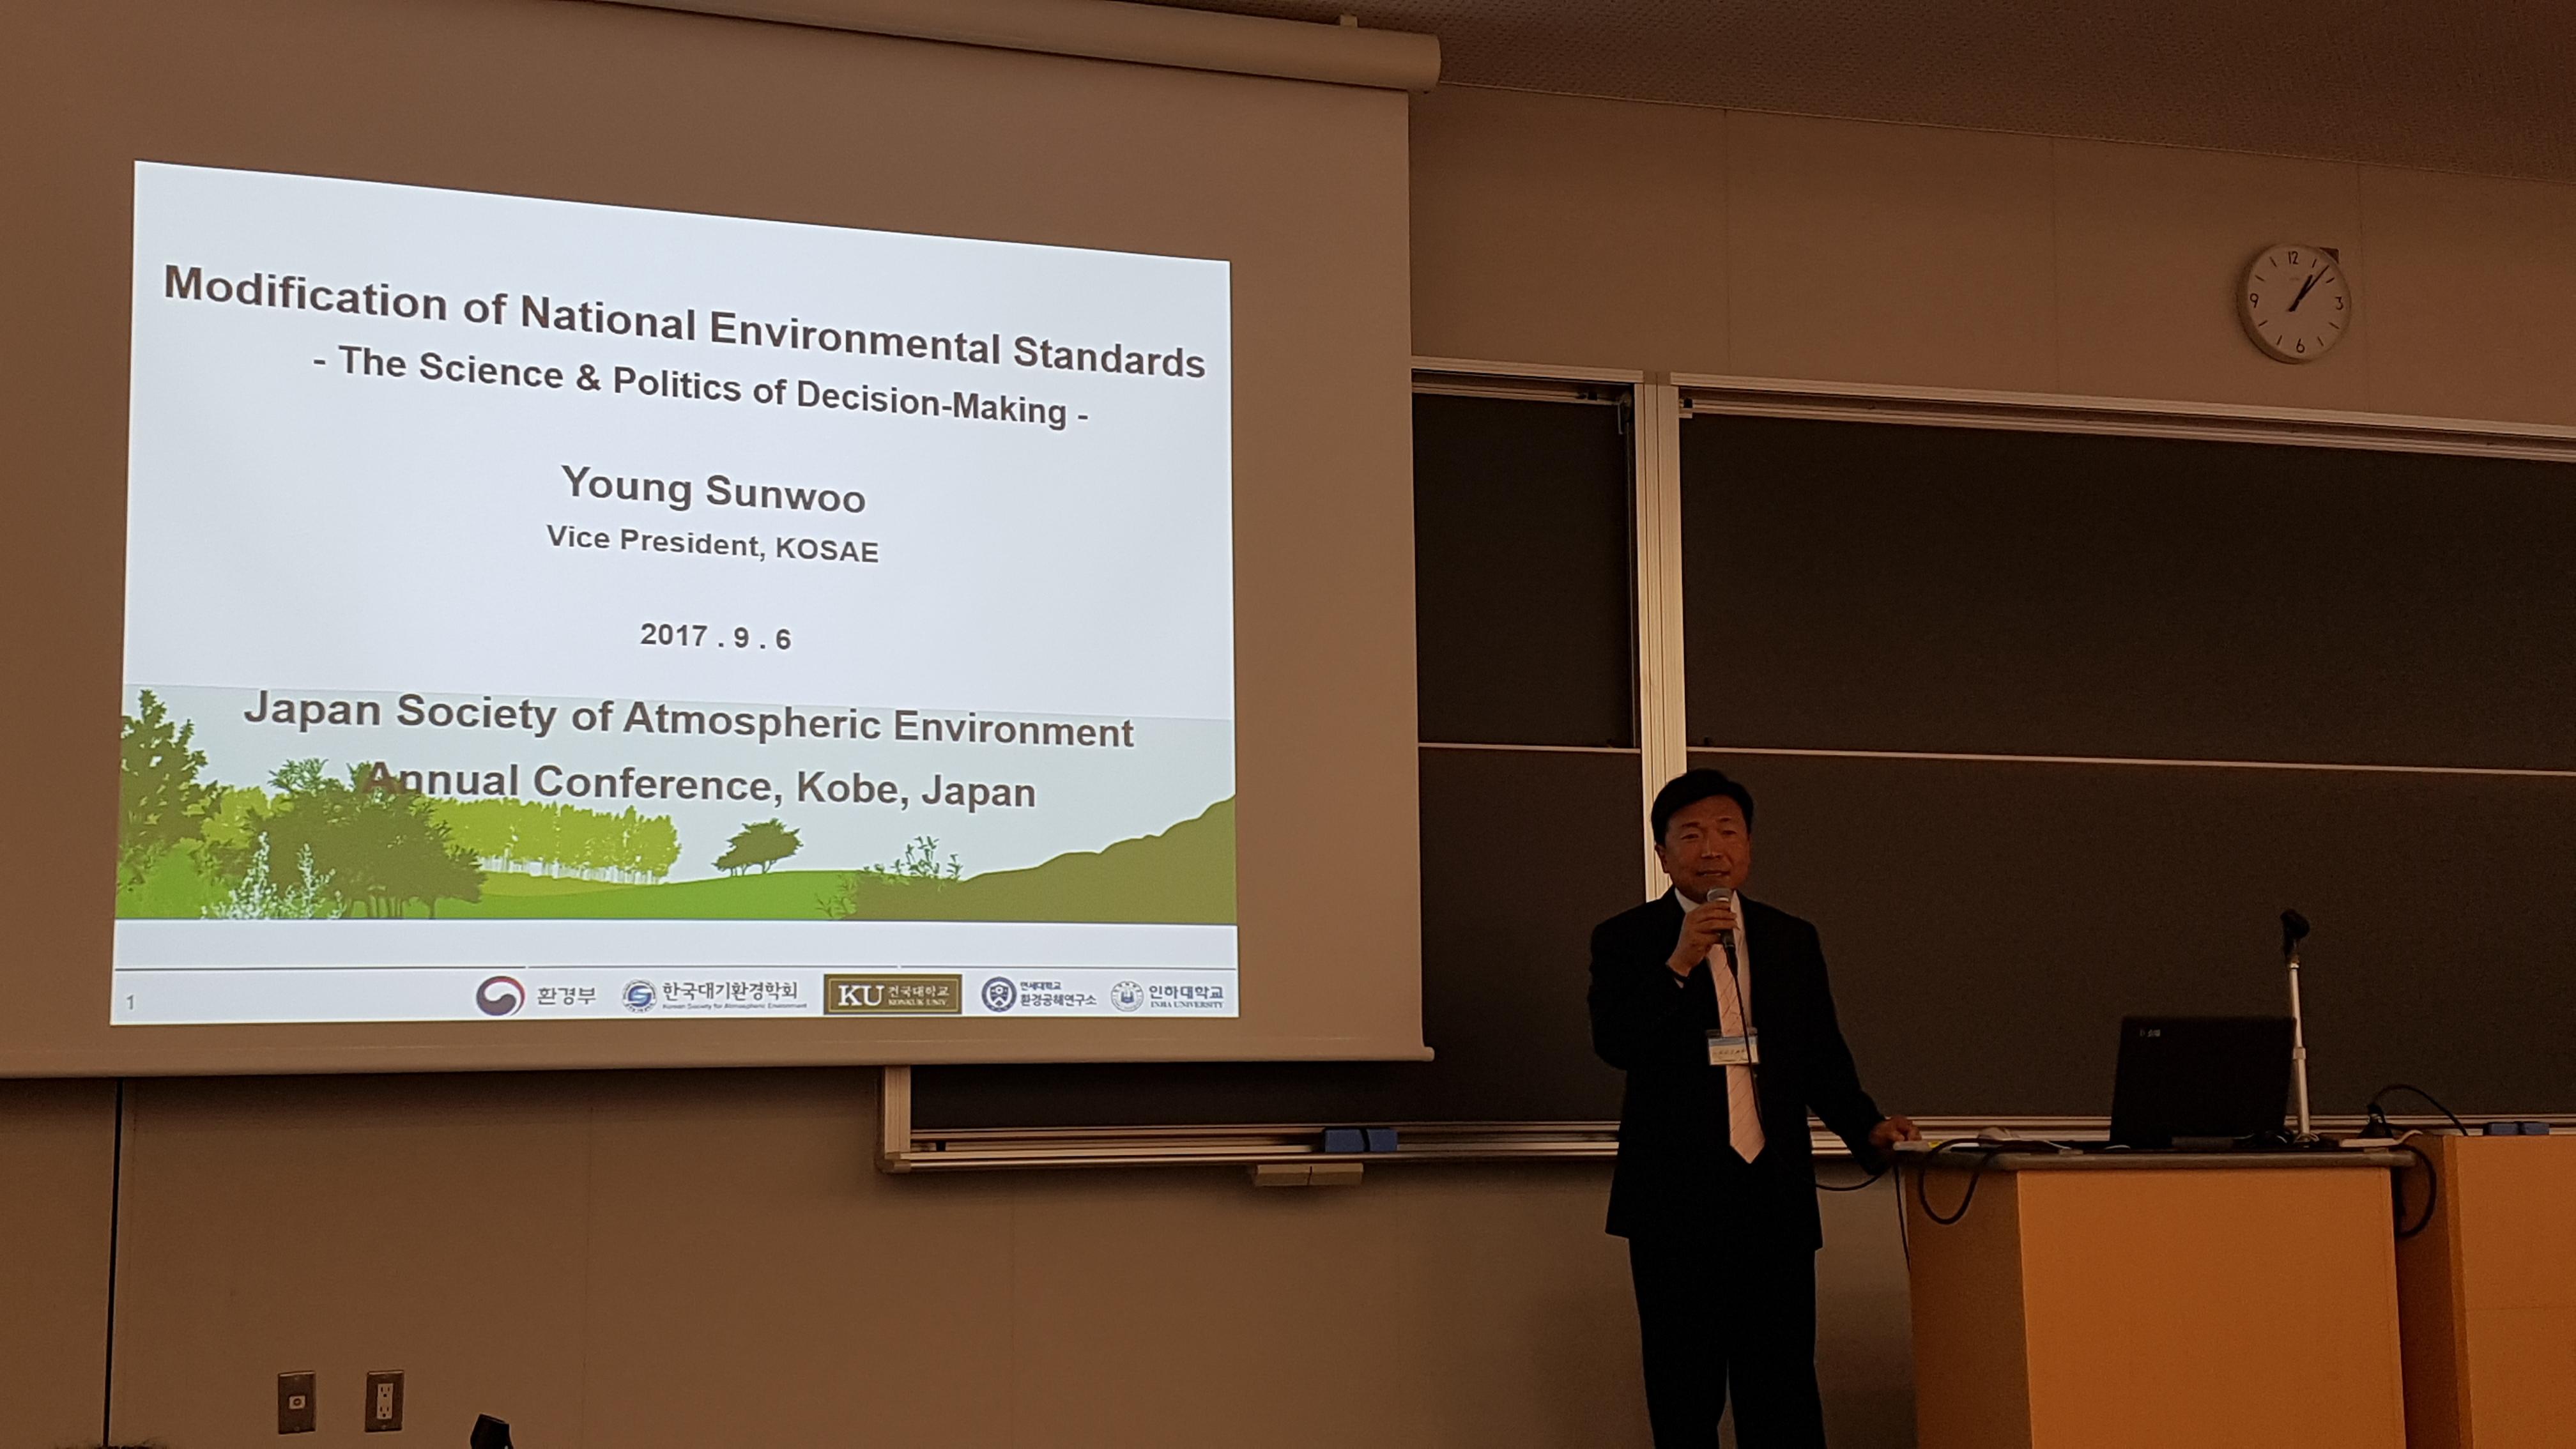 이미지 1:2017 일본대기환경학회